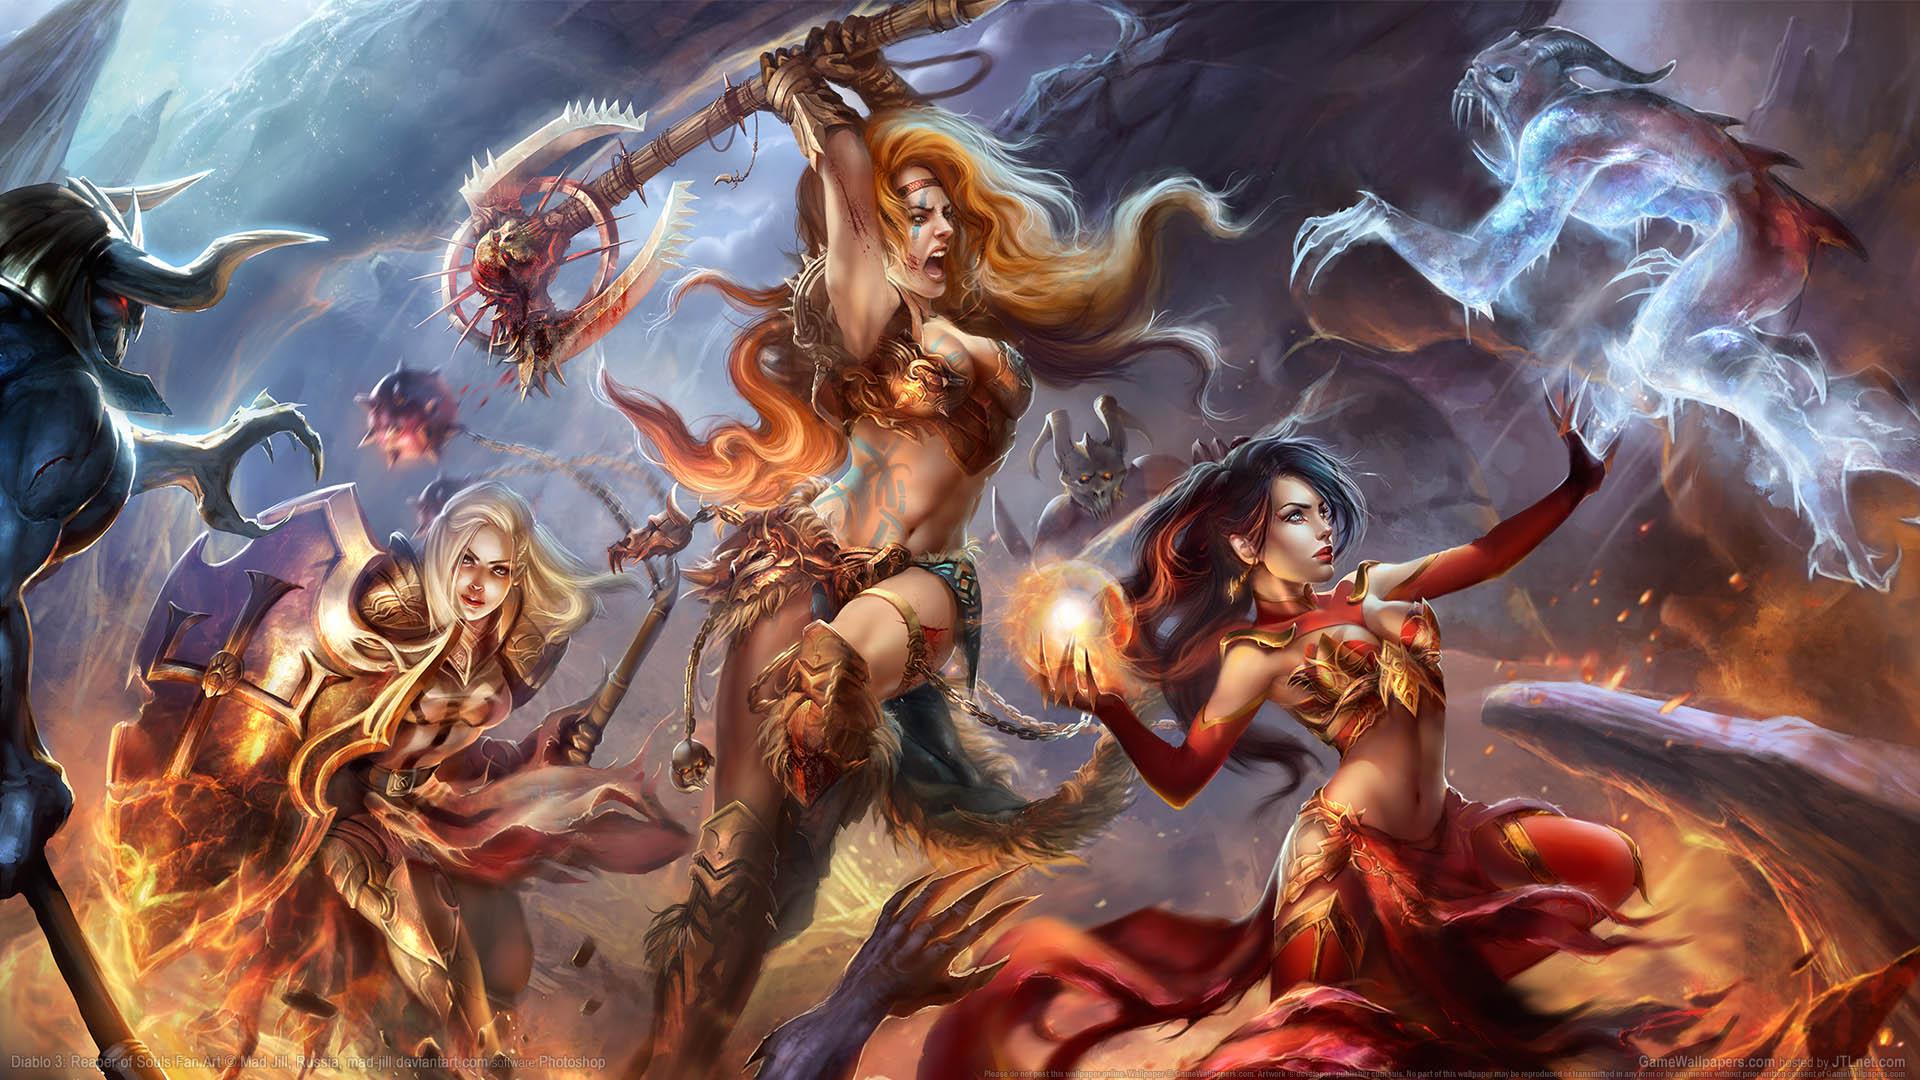 Diablo 3 Reaper Of Souls Fan Art Wallpaper 04 1920x1080